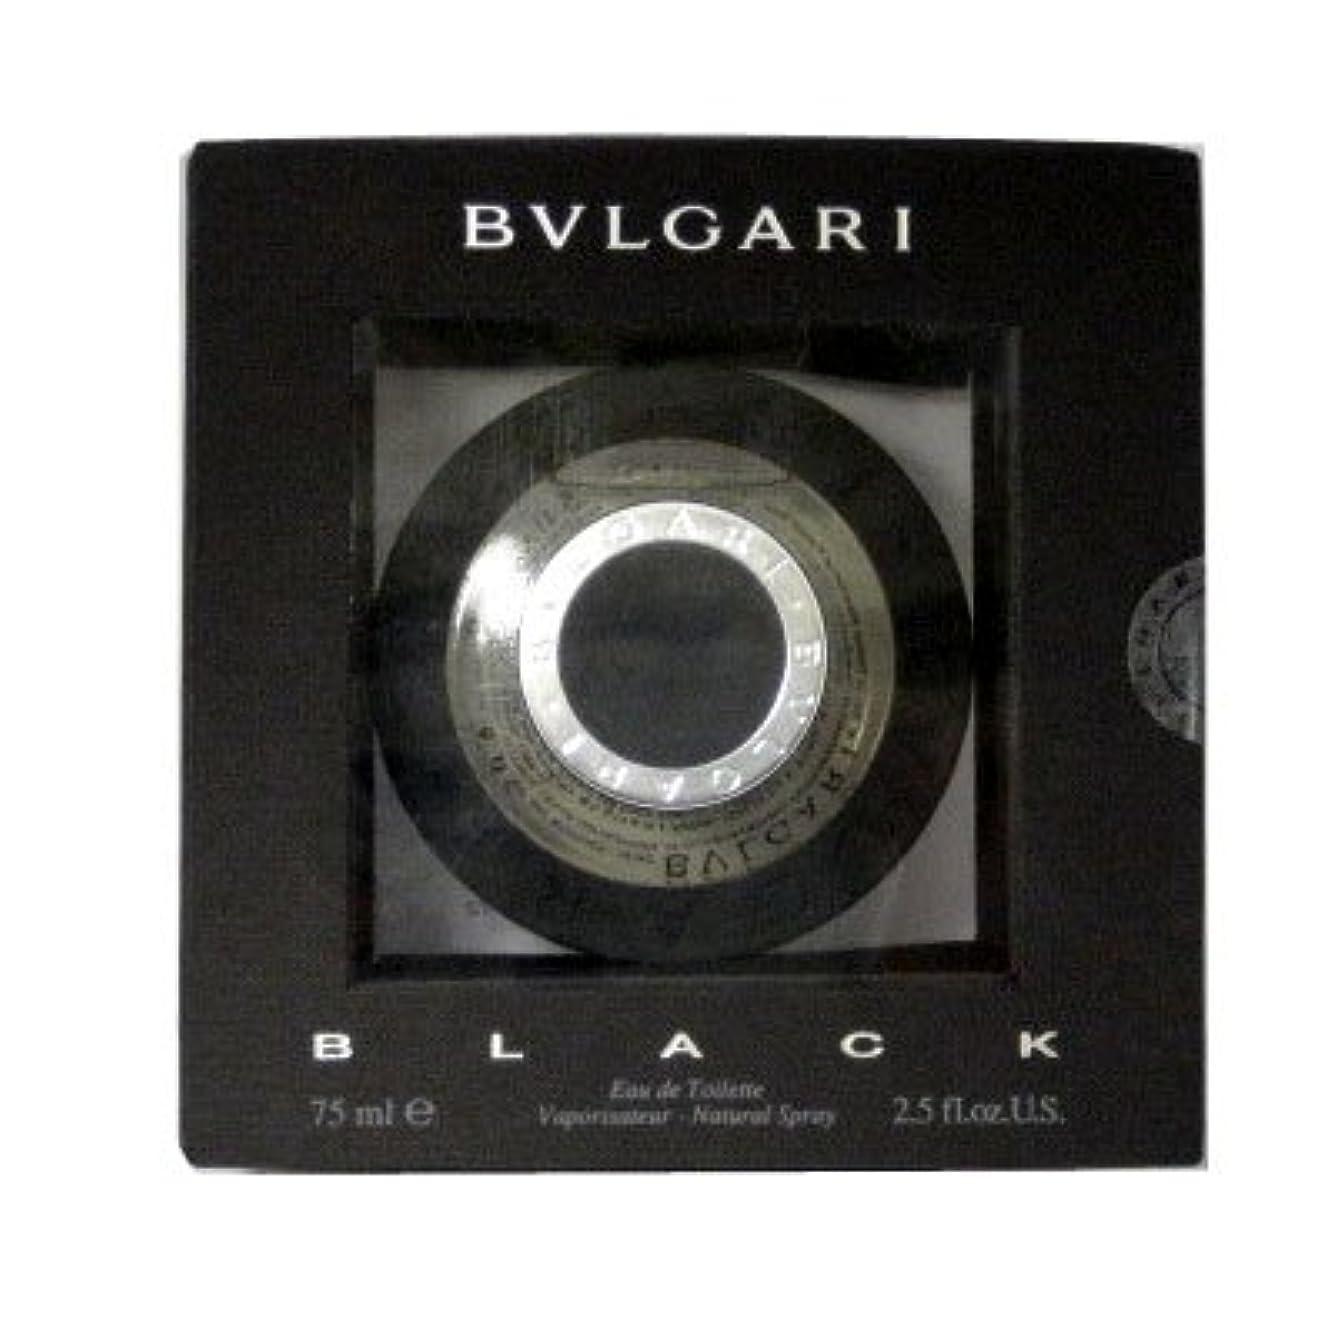 失望顧問自分のためにブルガリ BVLGARI ブラック EDT SP 75ml [並行輸入品]